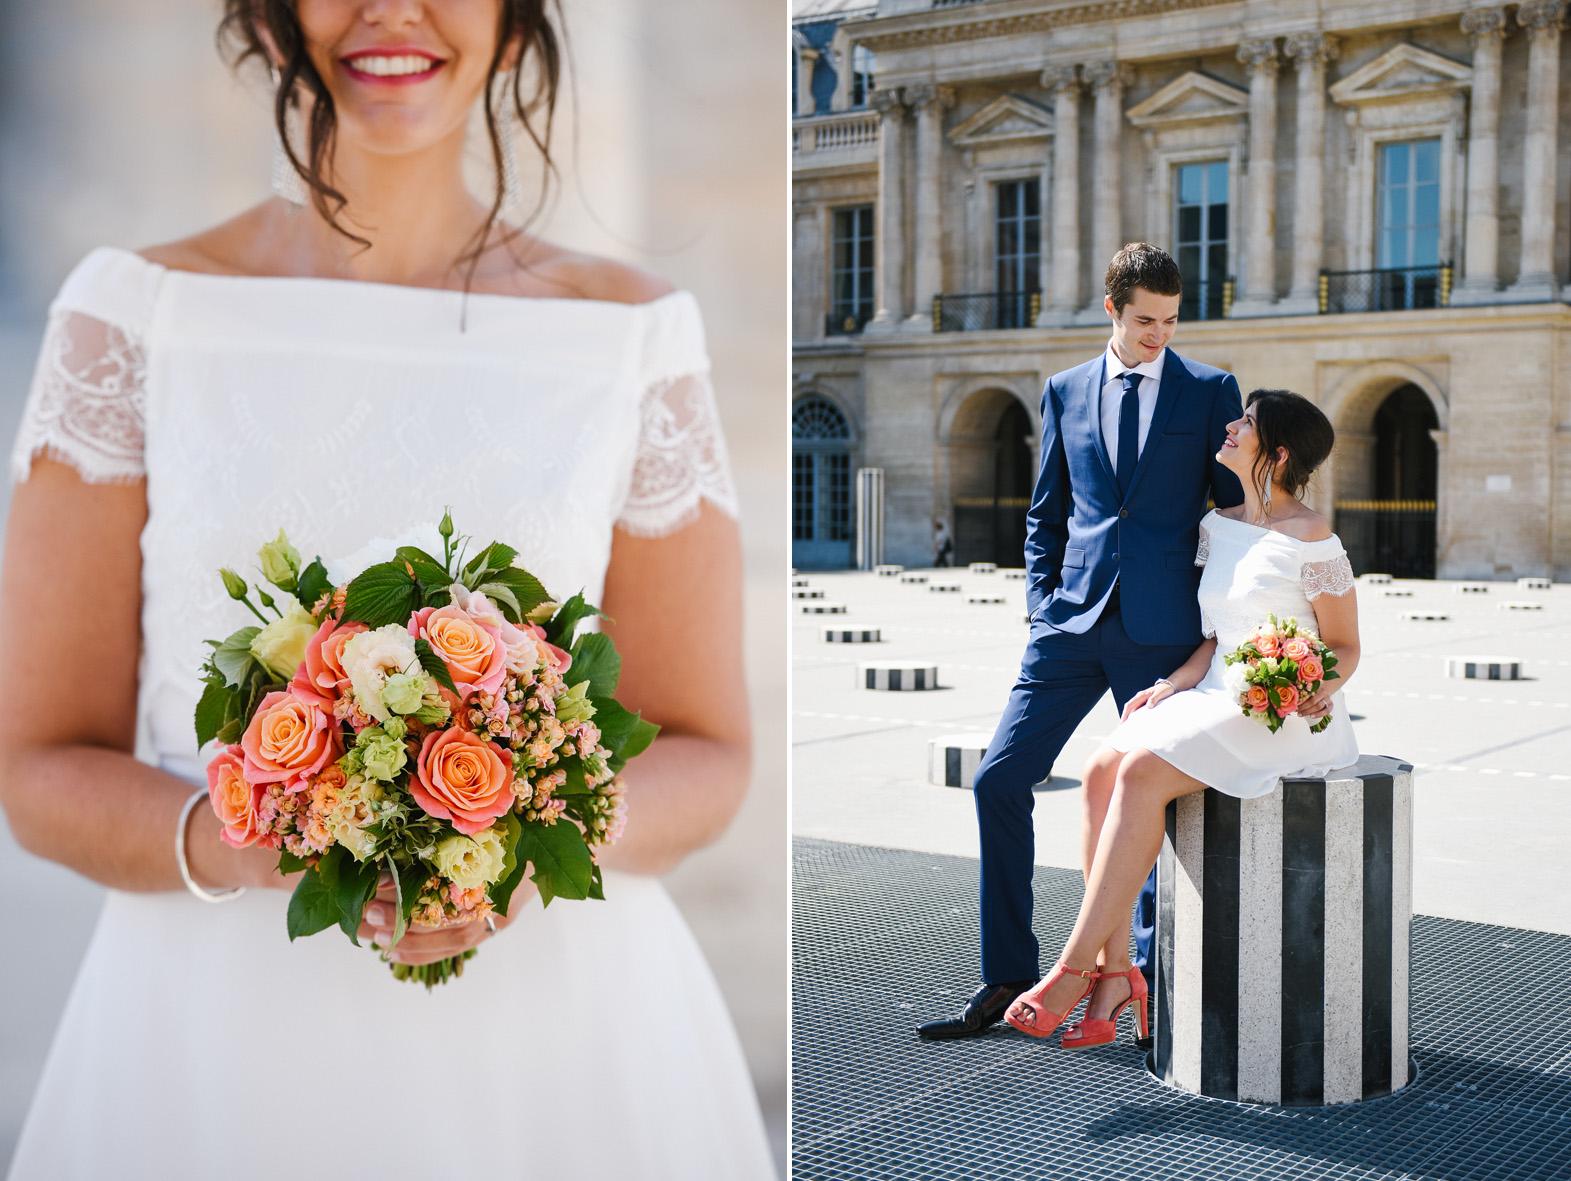 mariage_civil_AF_paris_75_photographe_clemence_dubois MEP3